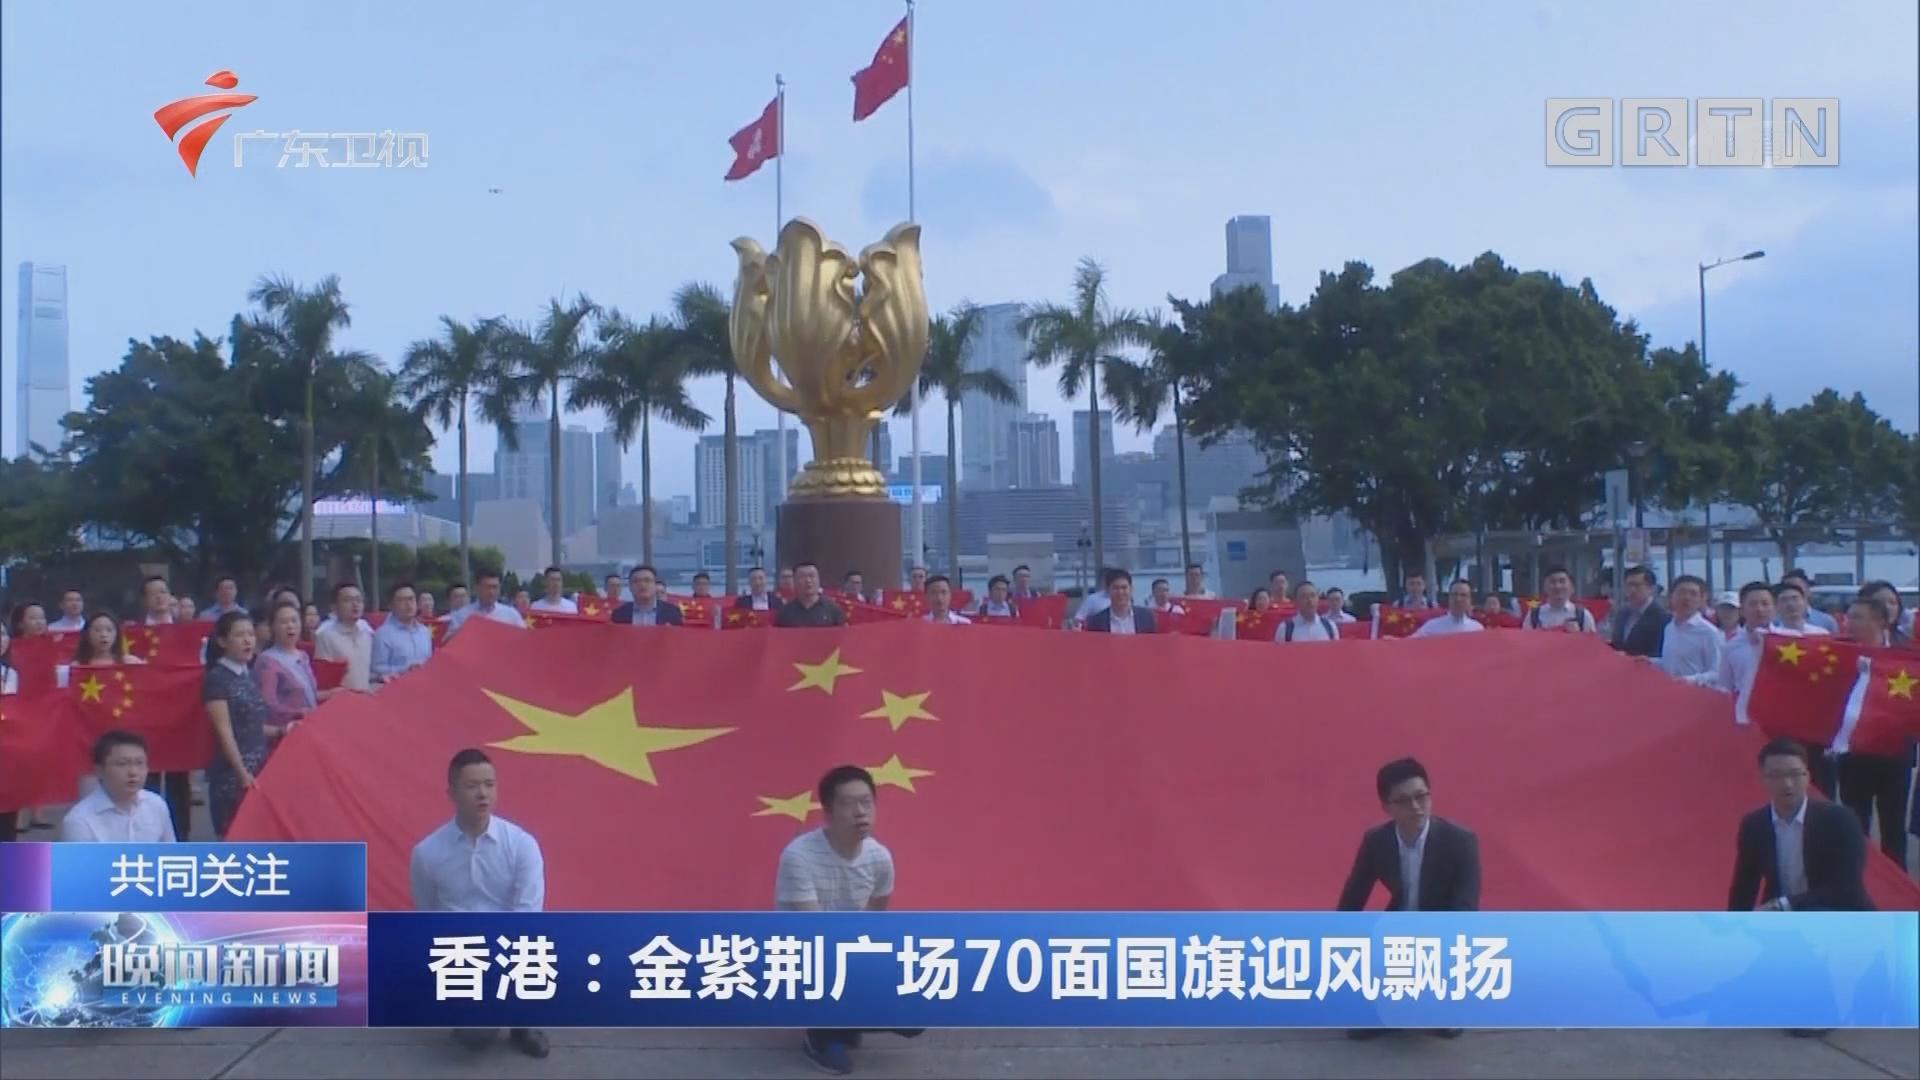 香港:金紫荆广场70面国旗迎风飘扬